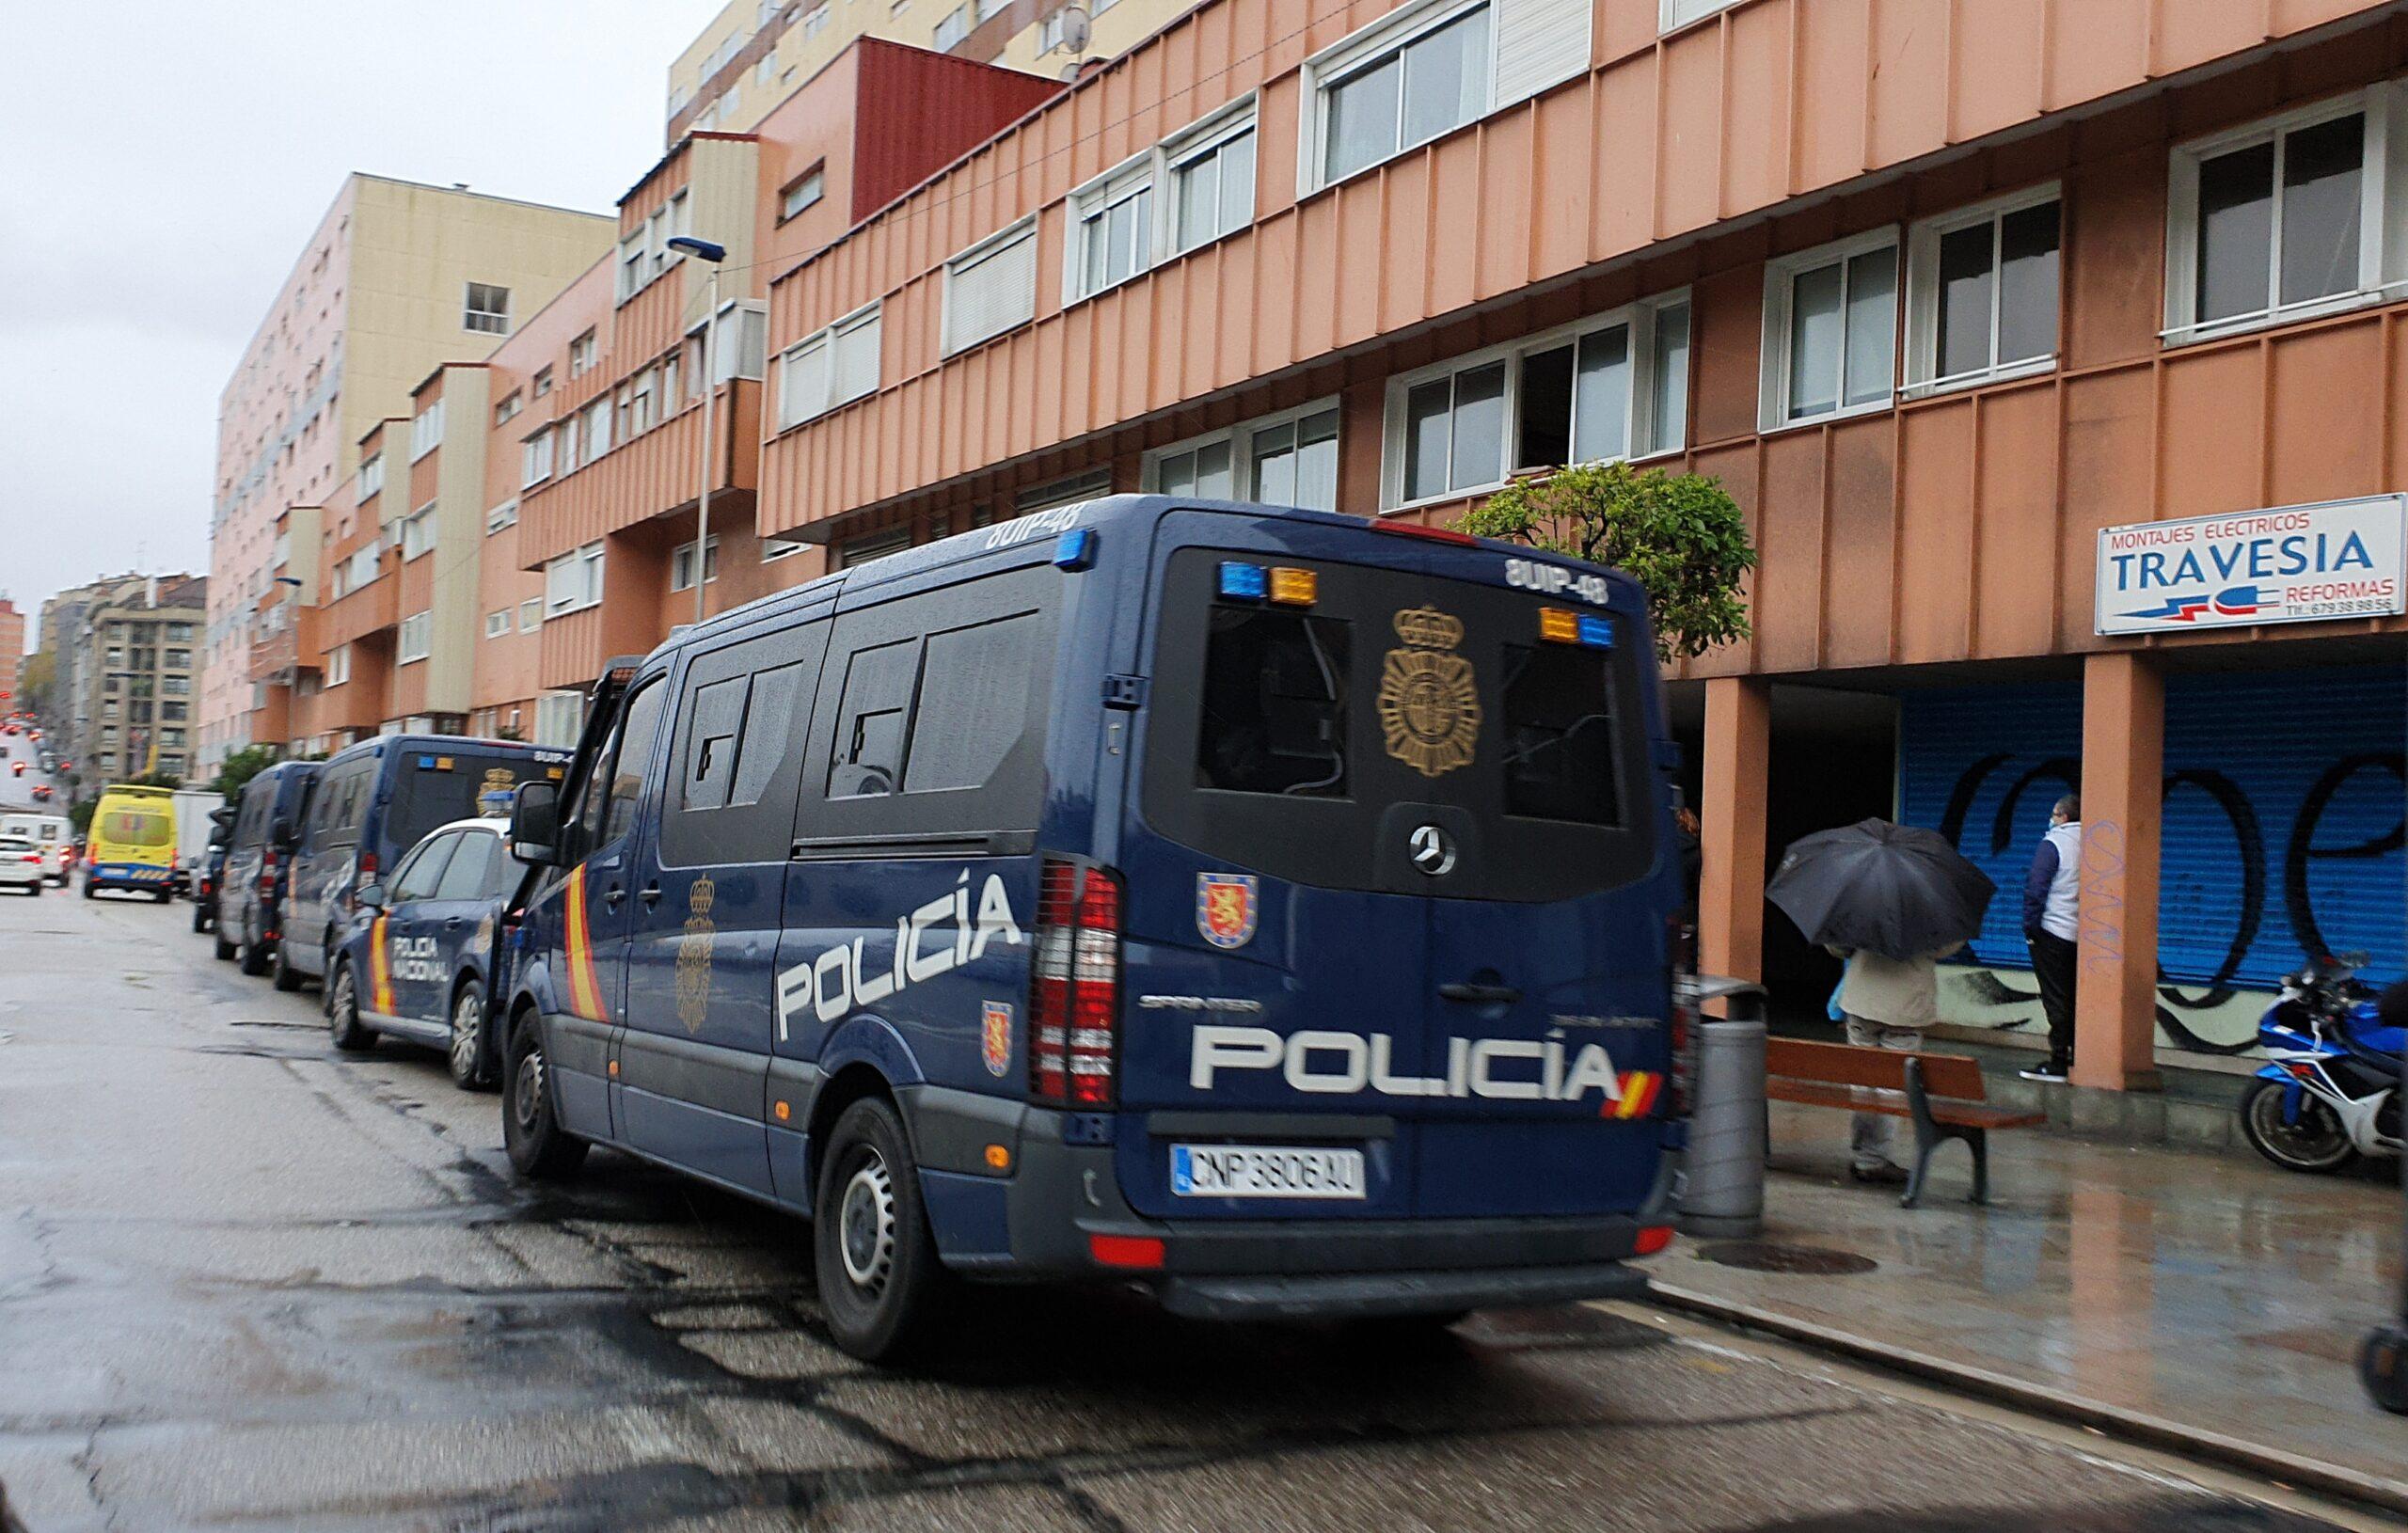 Despliegue policial este jueves en Travesía